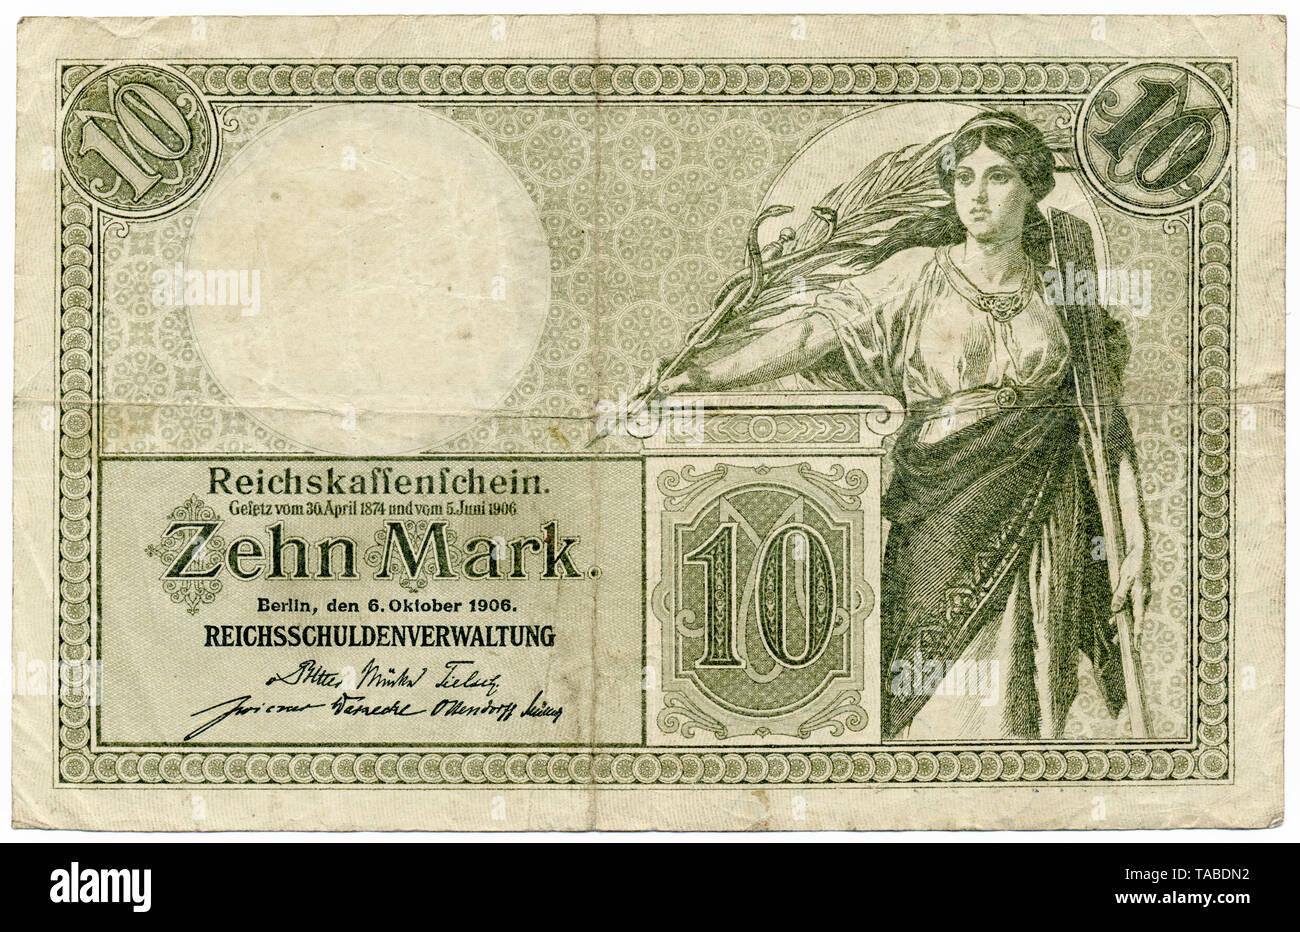 Rückseite der Reichsbank Banknote, Rückseite, Reichskassenschein, Reichsbanknote, 10 Mark, 1906, Deutschland, Europa Stockbild